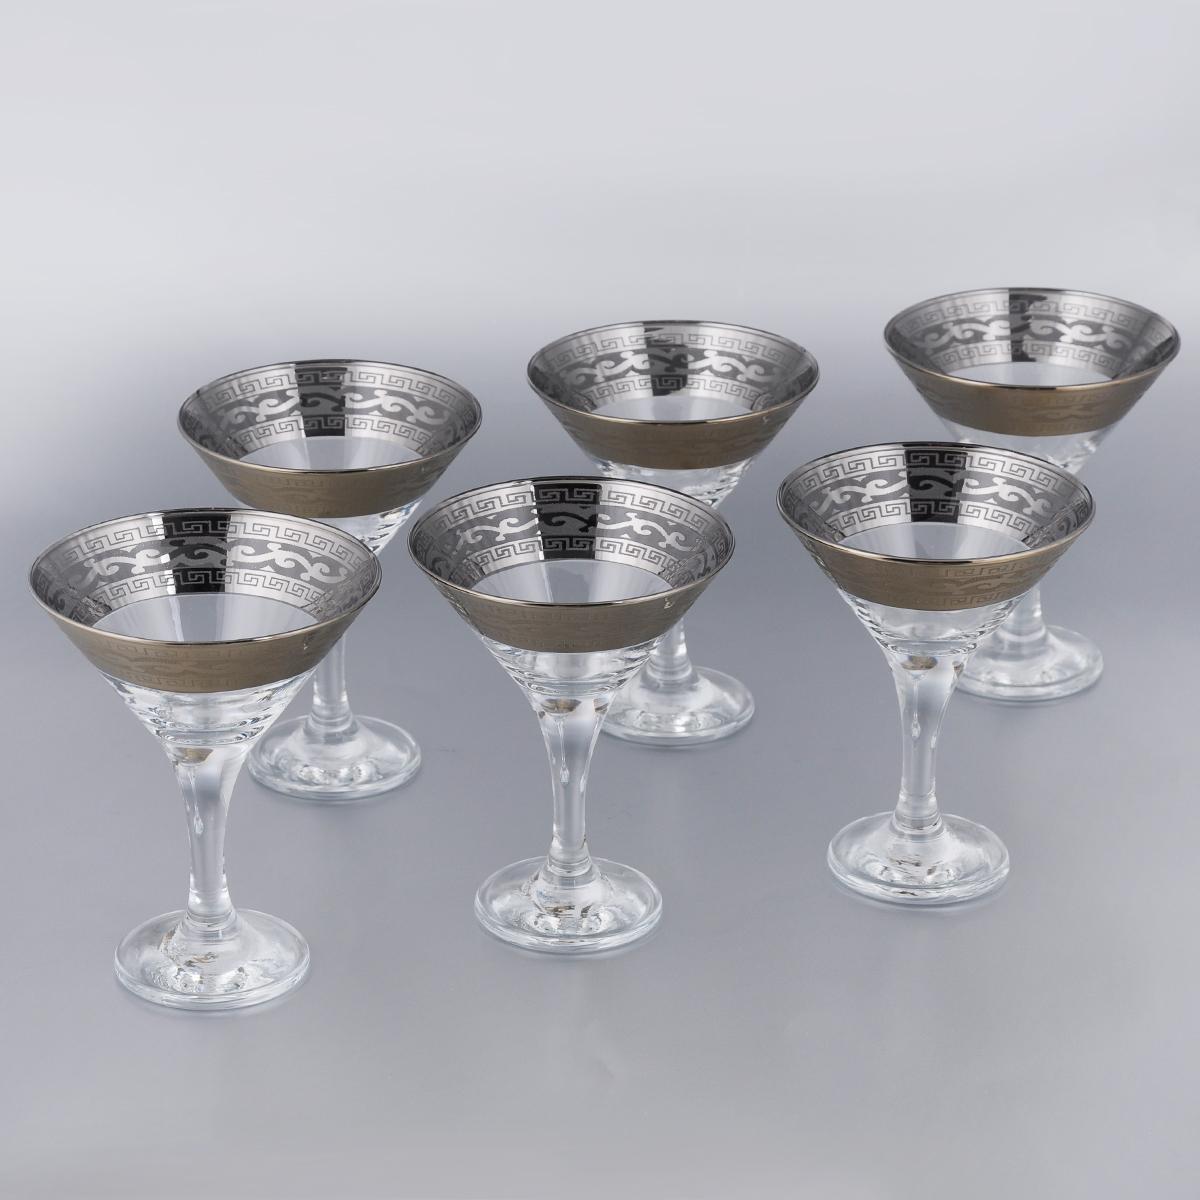 Набор бокалов для мартини Гусь-Хрустальный Версаче, 170 мл, 6 шт набор 6 бокалов юнона с рисунком версаче 210 мл